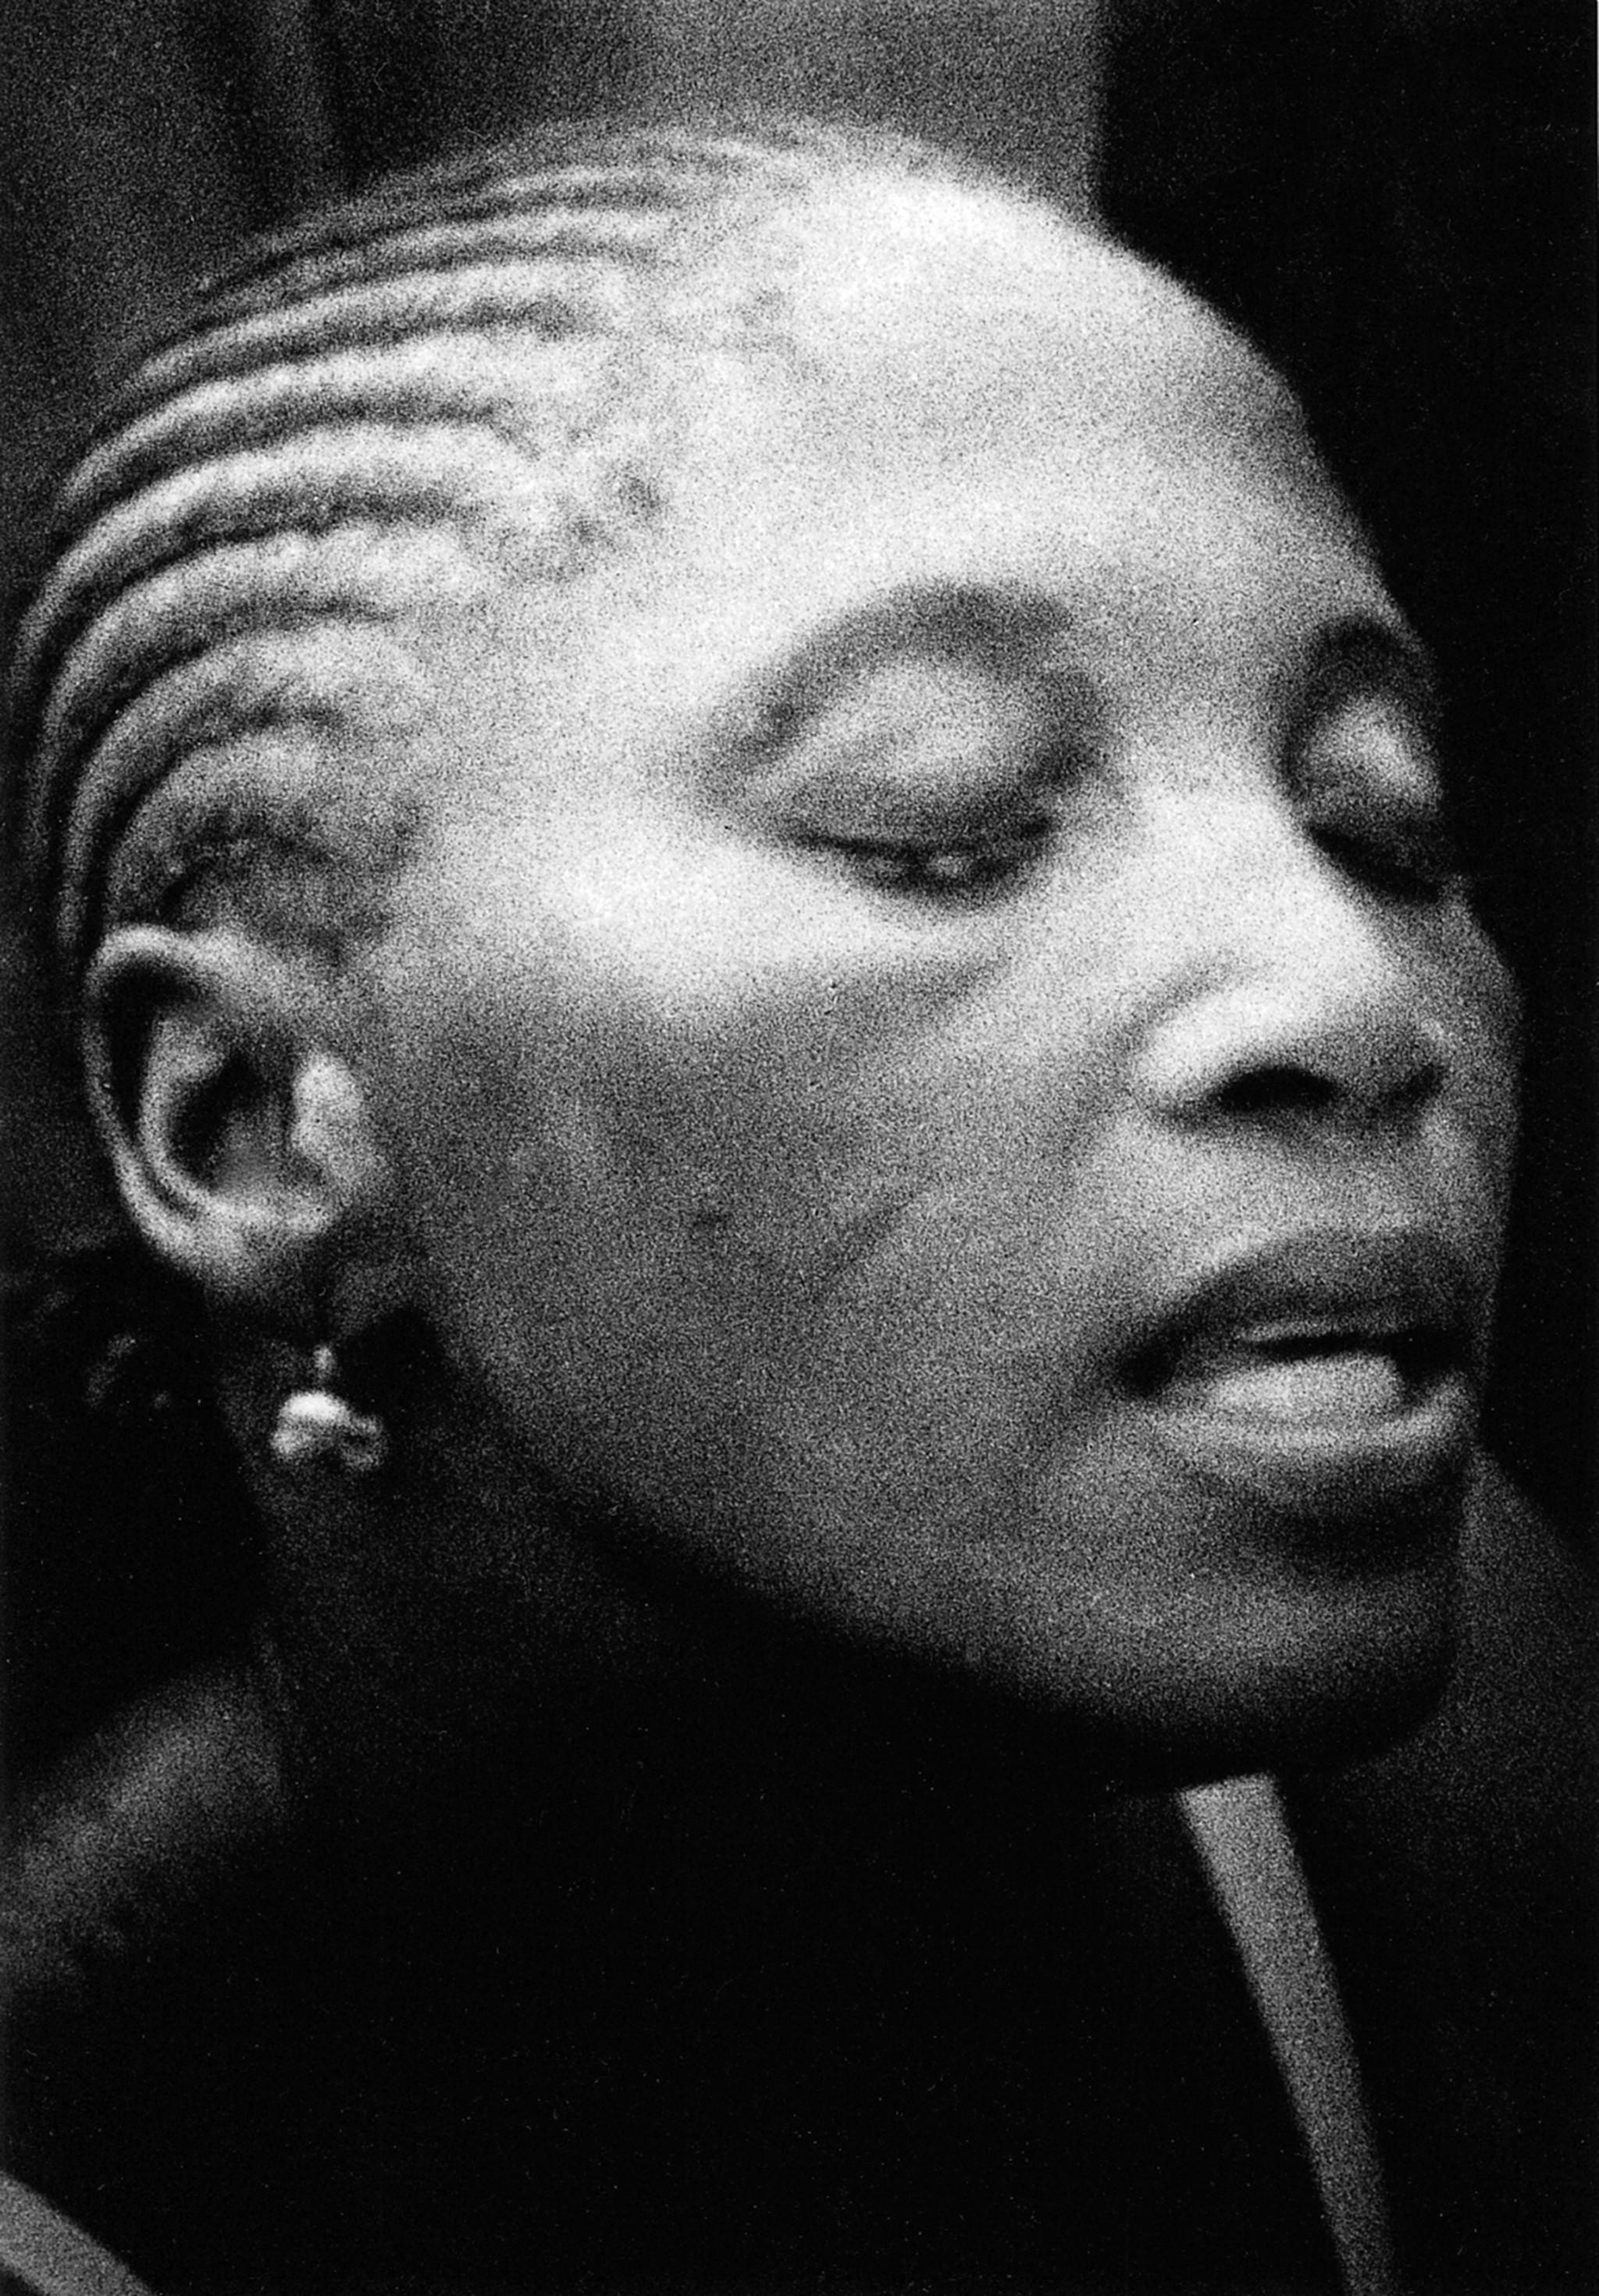 Sèrie: Viatge al país de les ànimes. Komian Adjoua Eponom posseïda per el esprit de Mami Watta. Costa d'Ivori 1998.